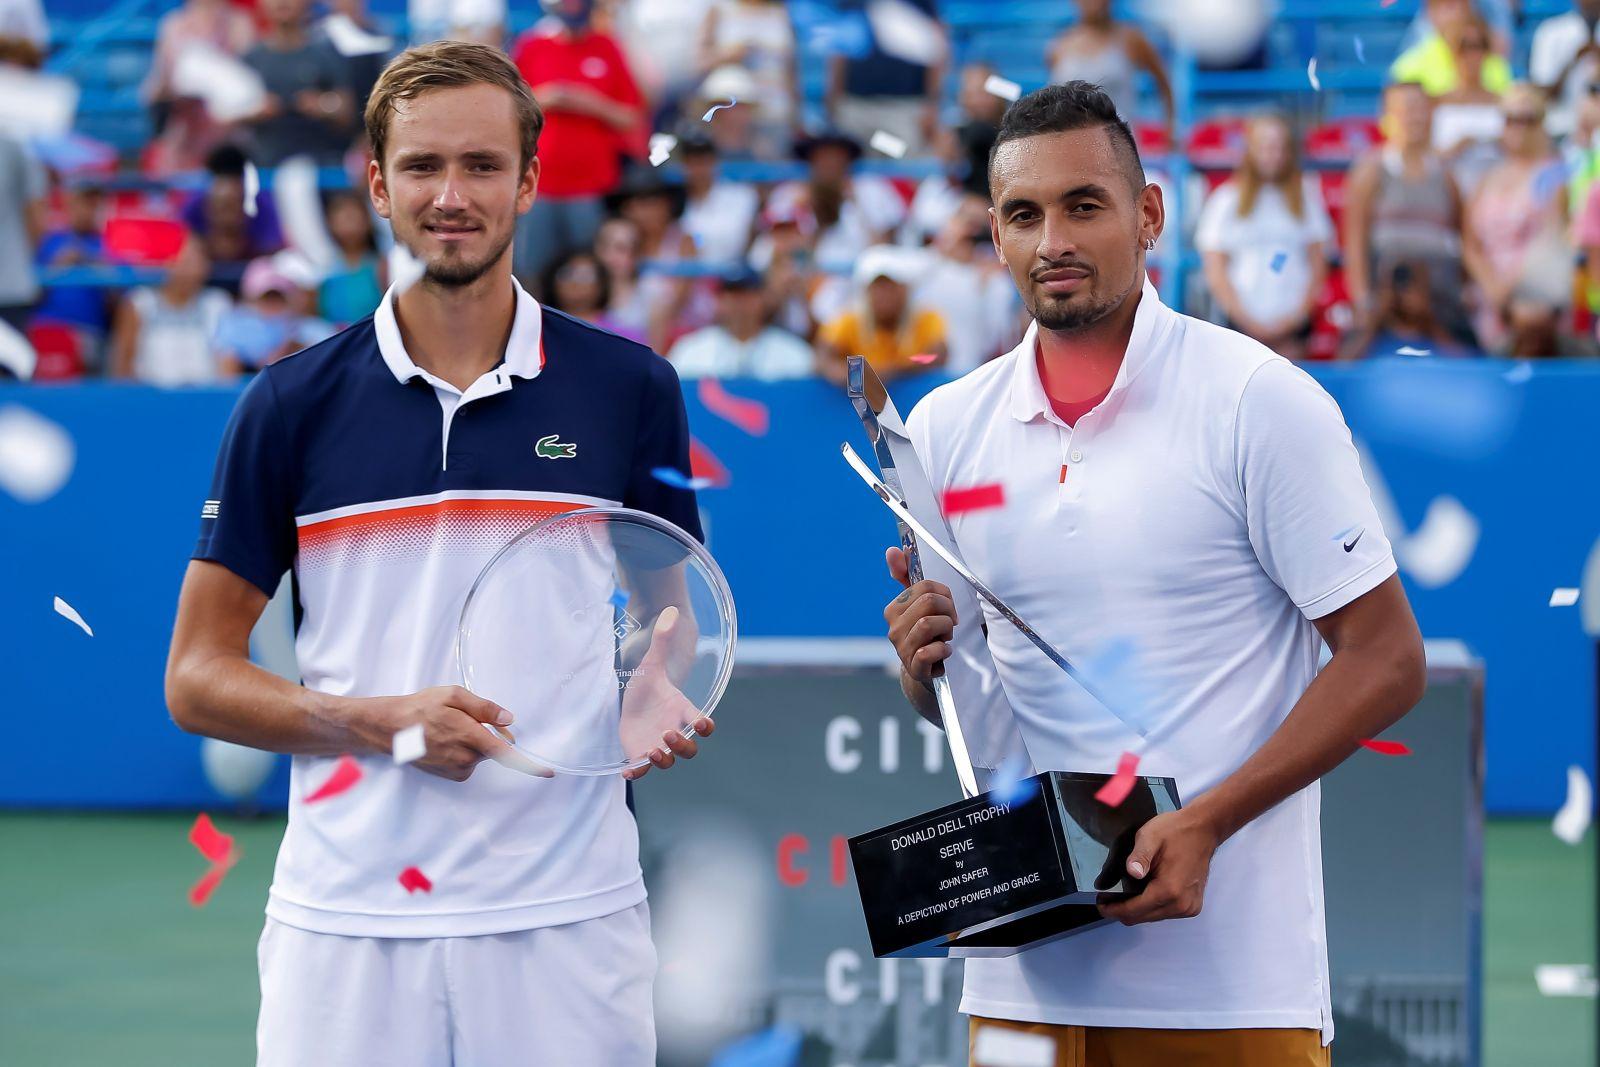 Медведев рвется на Итоговый турнир. Россиянин сыграл шестой финал за два года